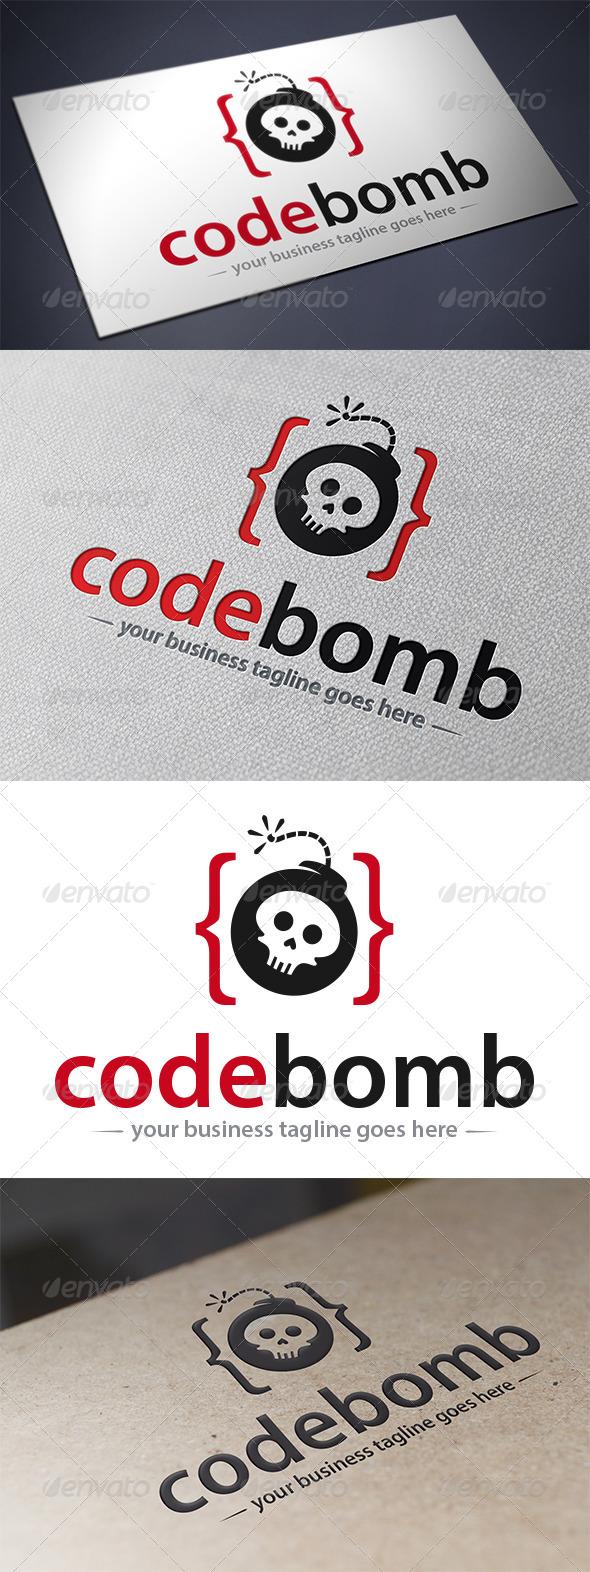 GraphicRiver Code Bomb Logo 5518251